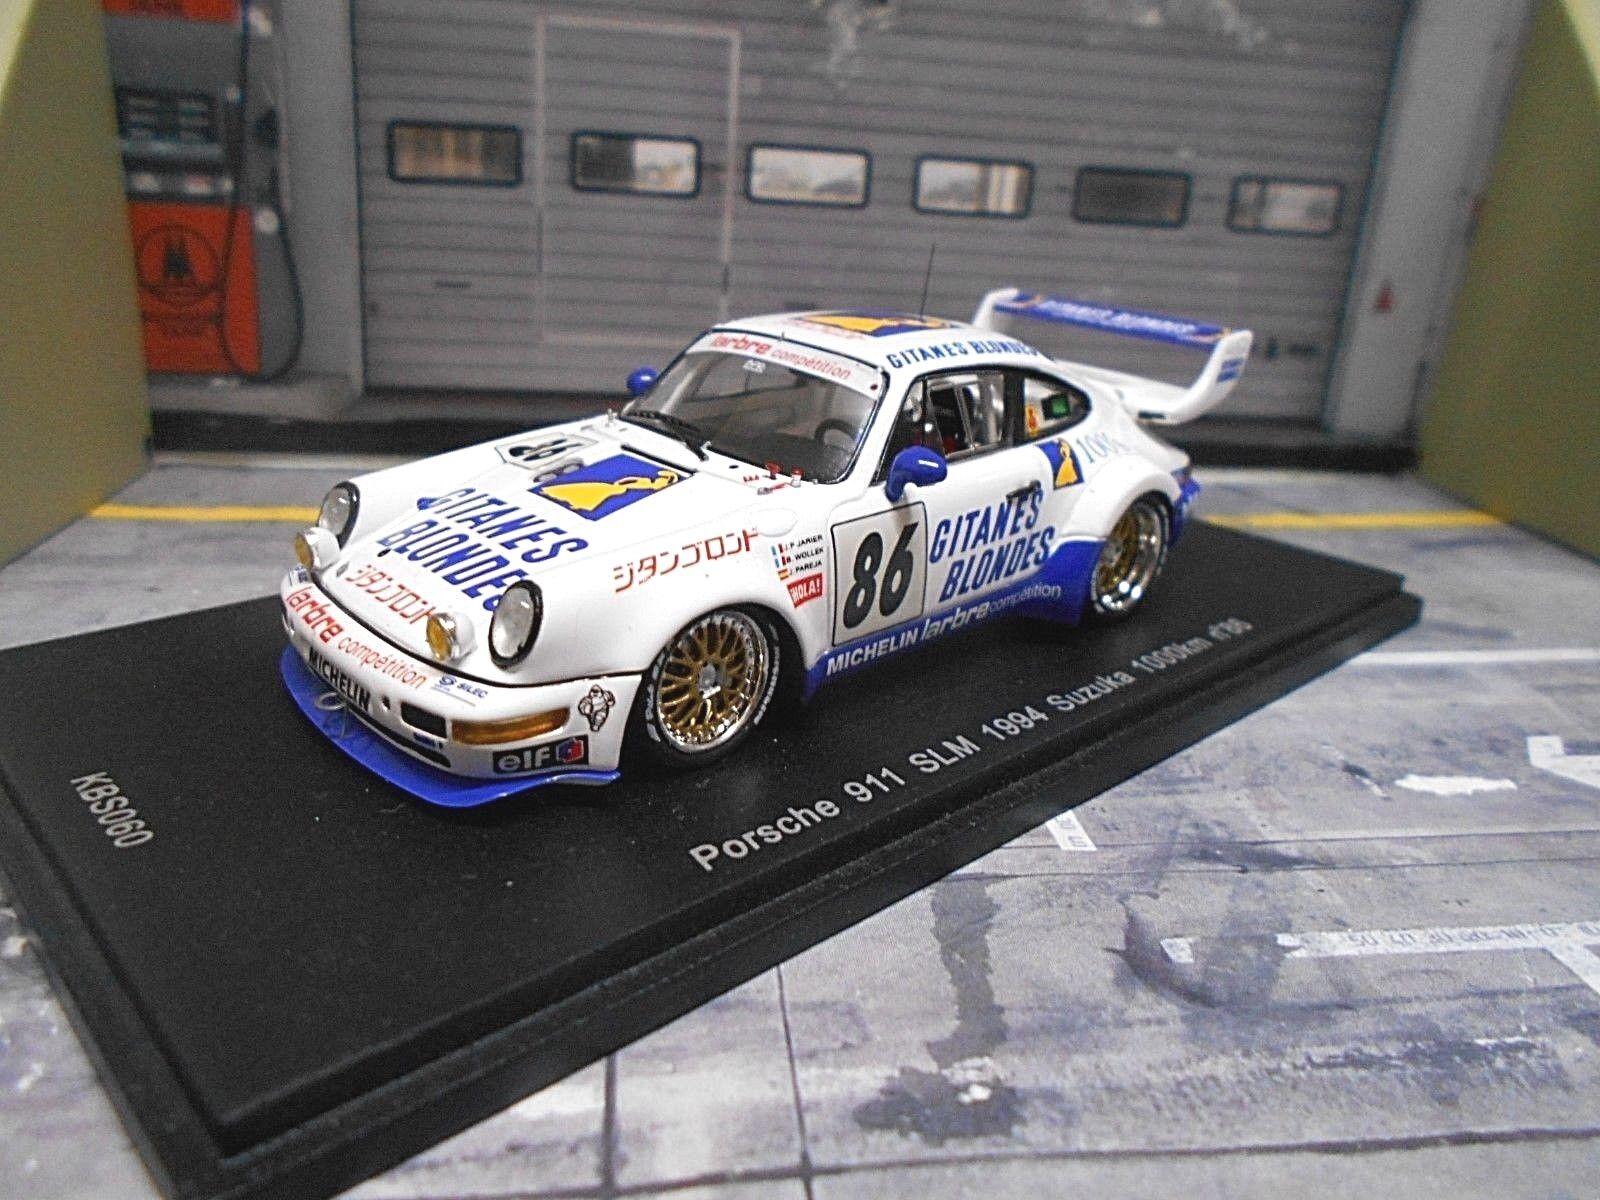 PORSCHE 911 964 SLM  86 SUZUKA GITANES Larbre Jarier Wollek WINNER P SPARK 1:43